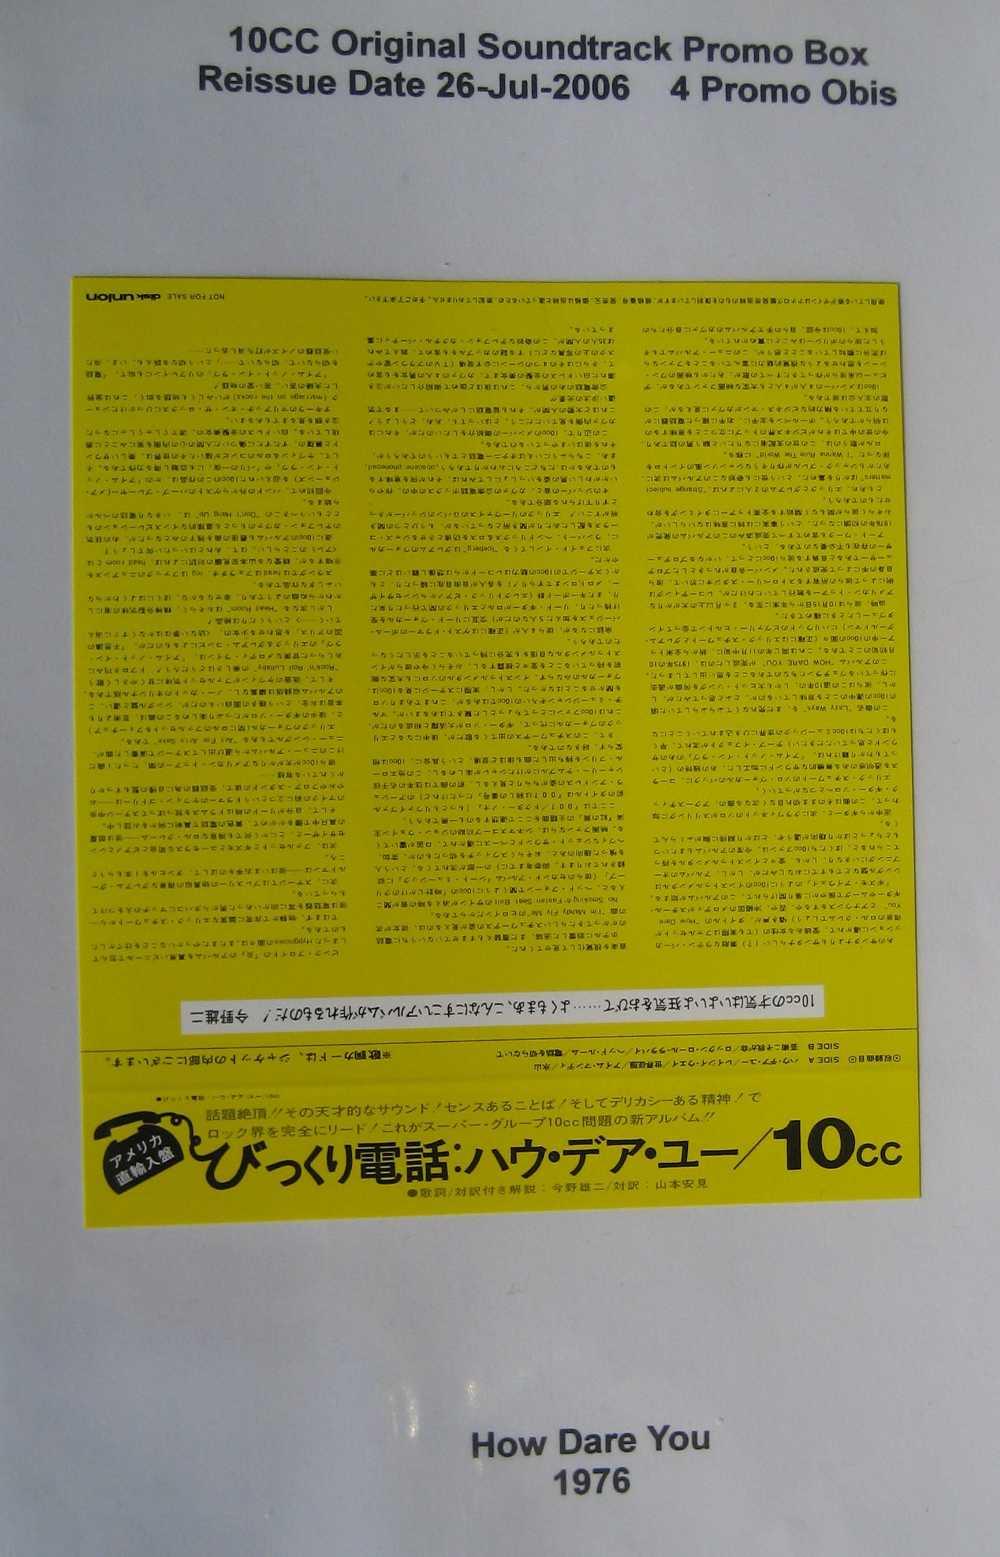 Large 4th obi (How Dare You), 10CC - Original Soundtrack Obis